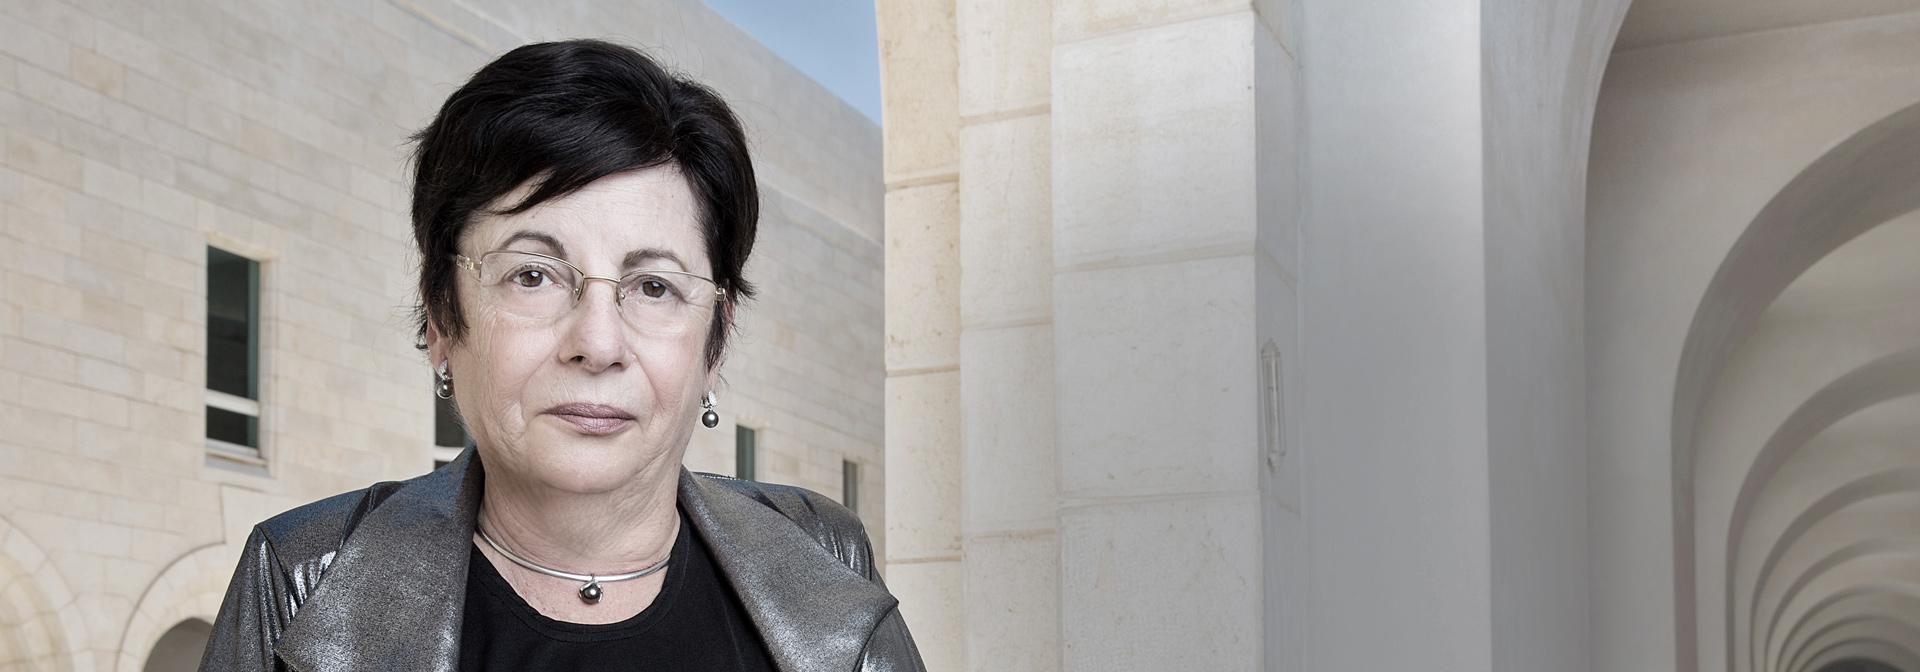 חמישים הנשים המשפיעות לשנת 2017 - מרים נאור / צילום: ענבל מרמרי